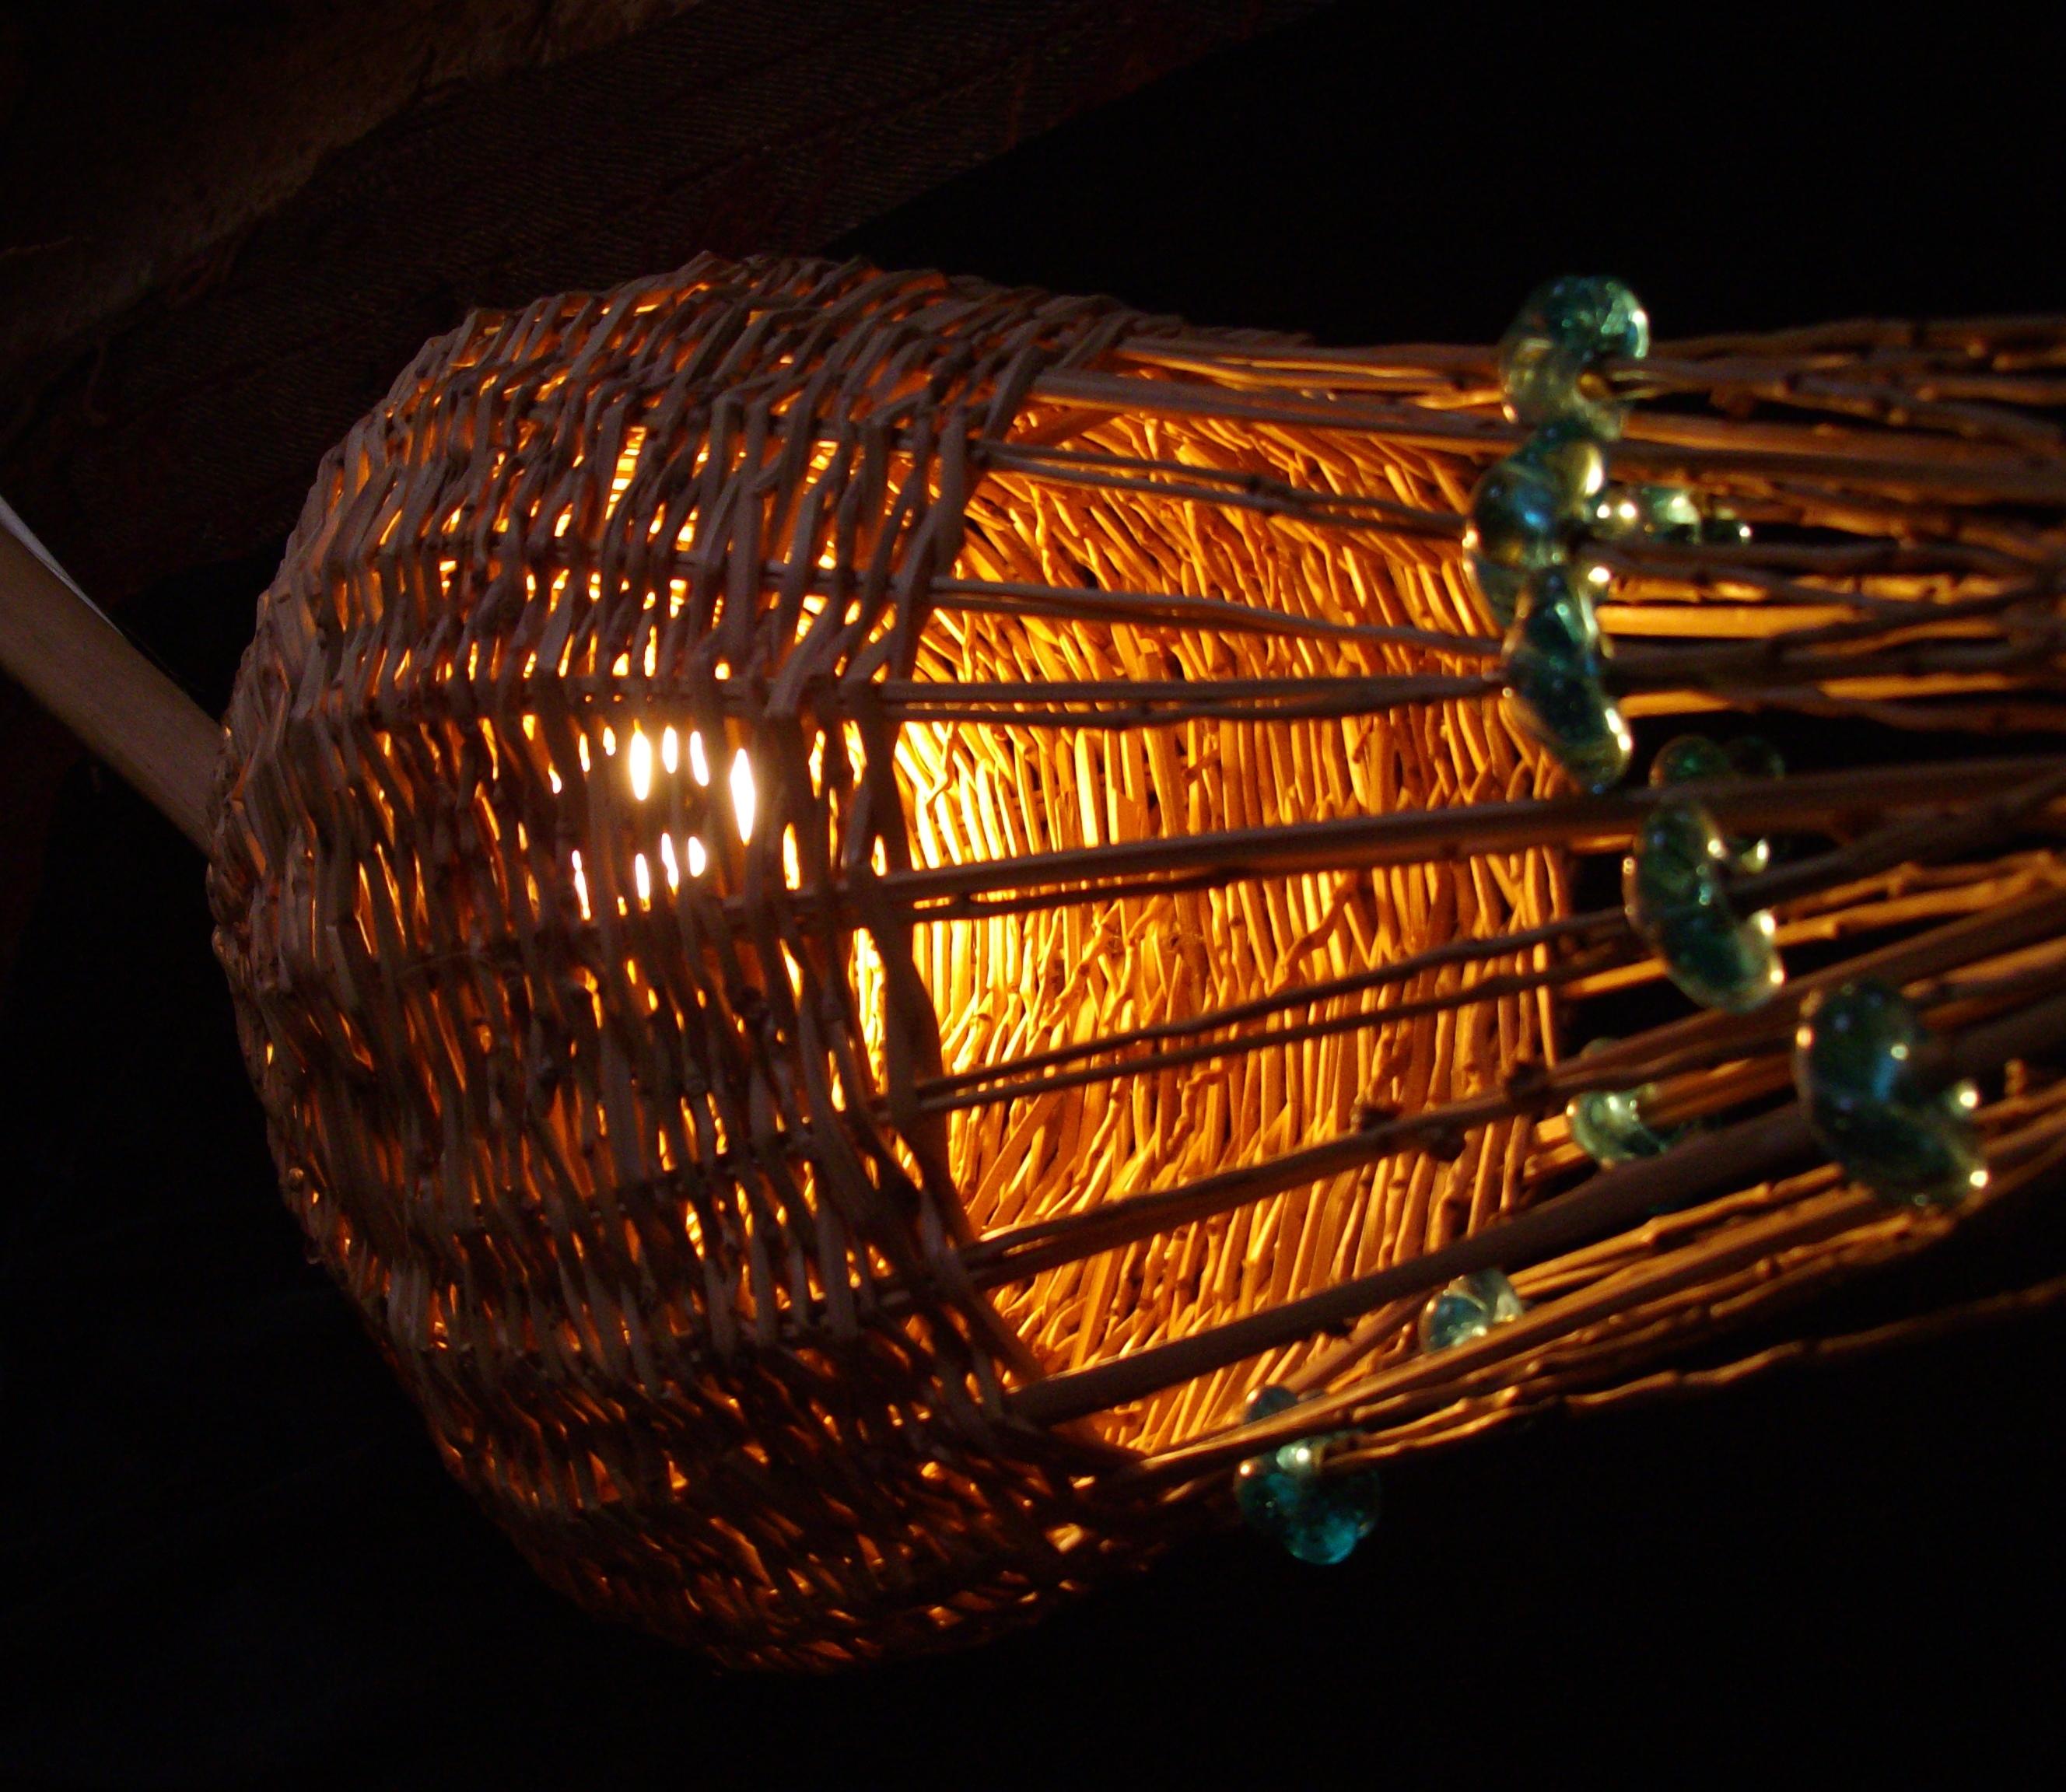 Spiraling lights